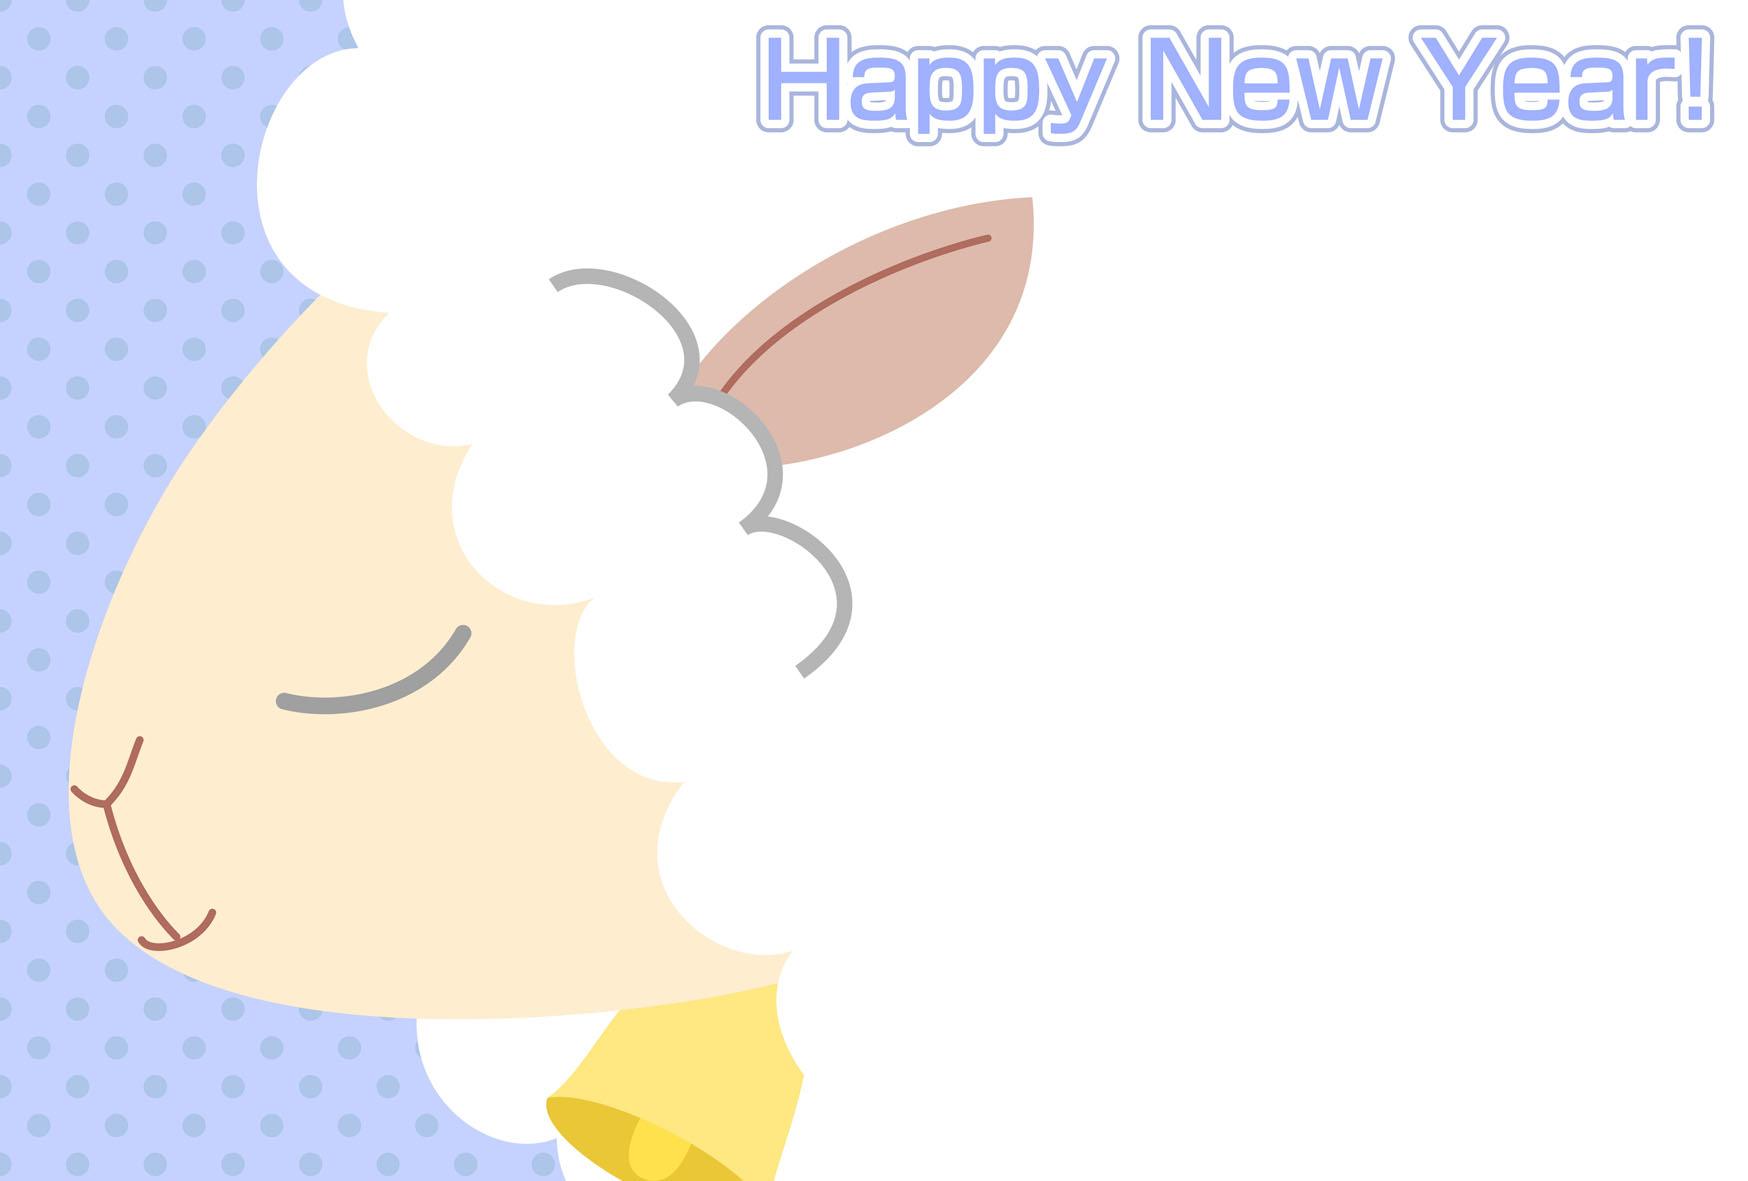 羊モチーフの激きゃわ年賀状 ... : 年賀状 デザイン 羊 無料 : 年賀状